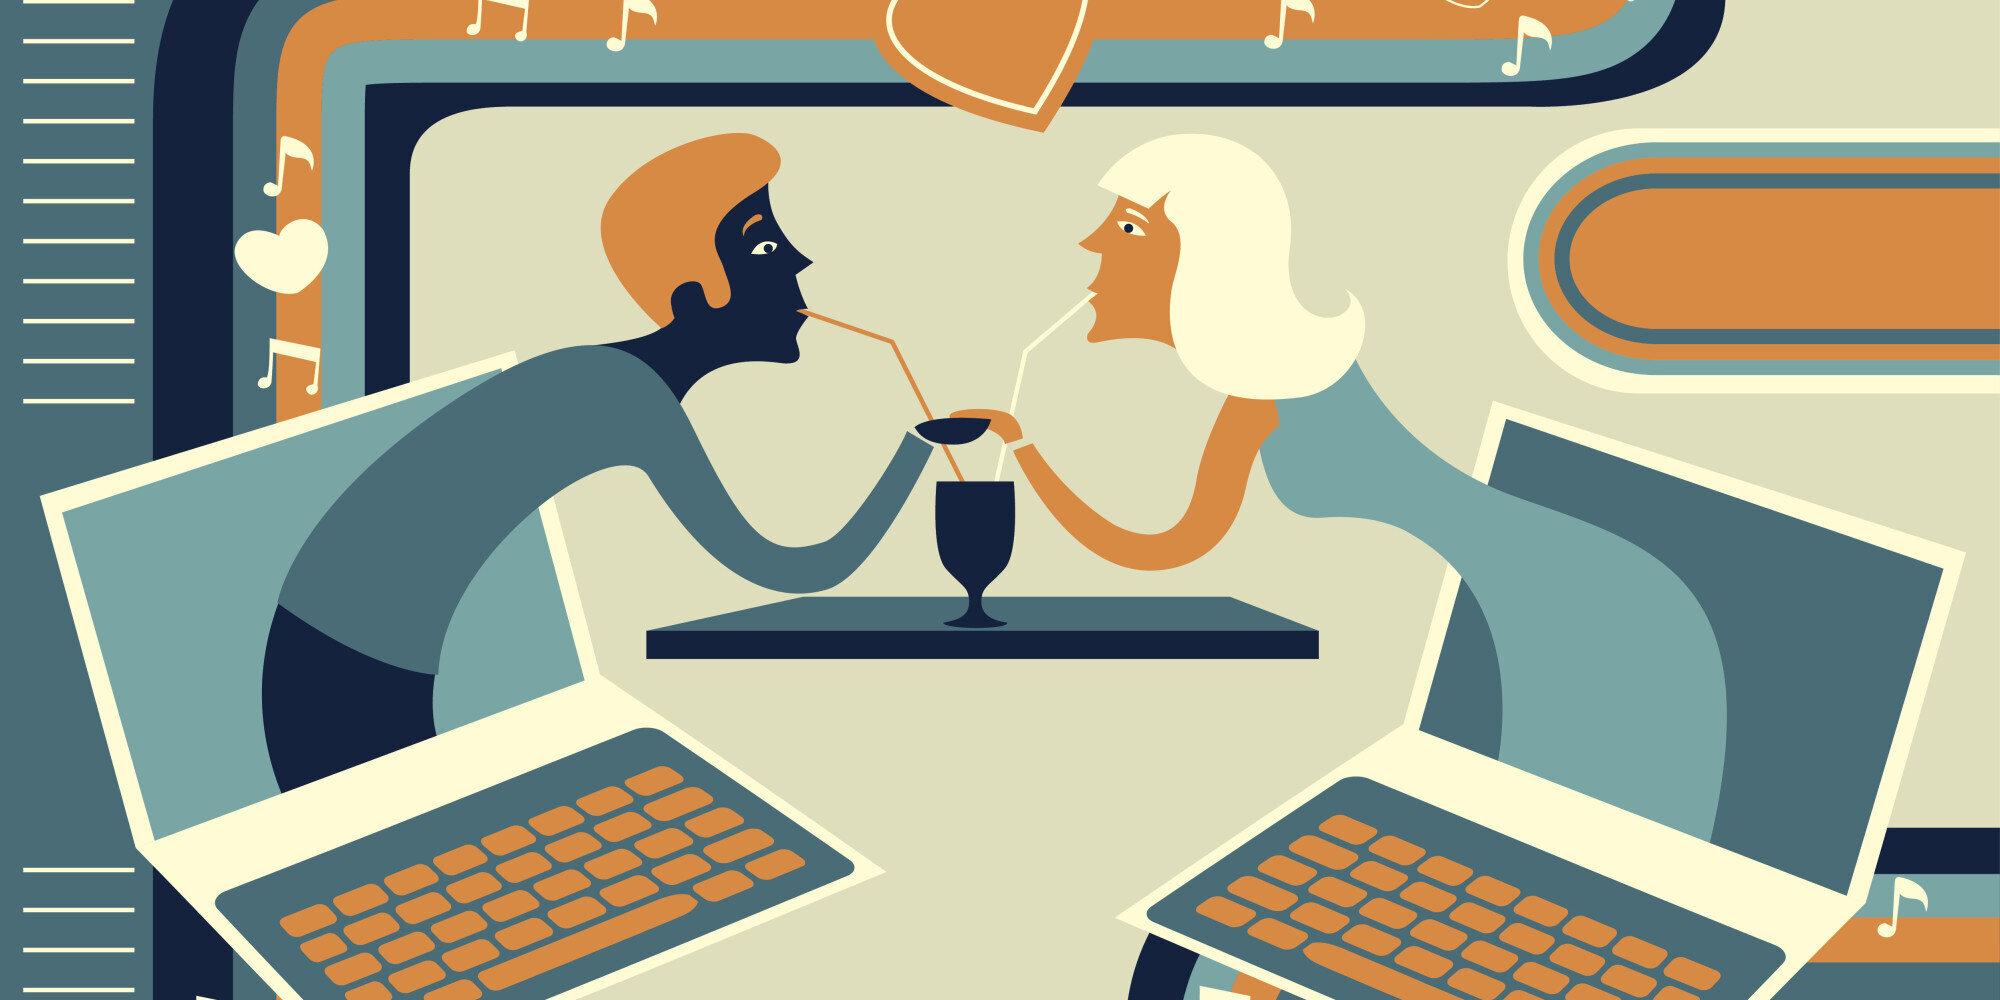 beste one liners voor online dating